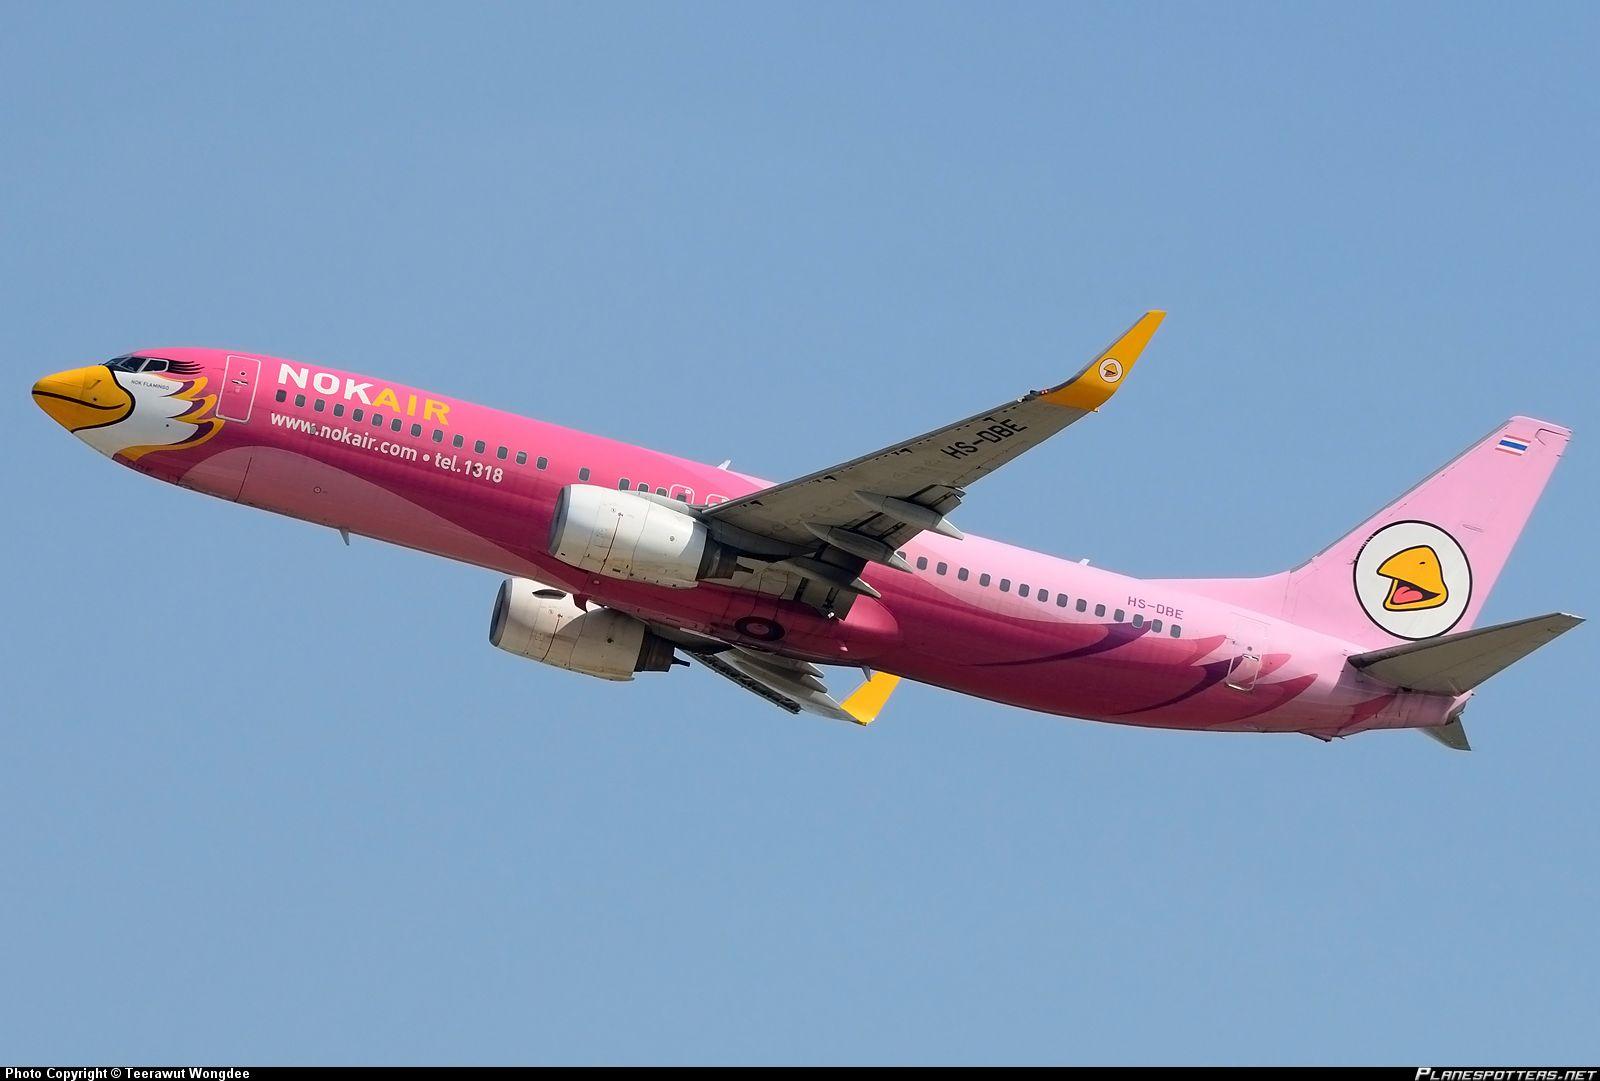 Nok Air Boeing 737-800 | Luftfahrt - Flugzeuge - Airports ...